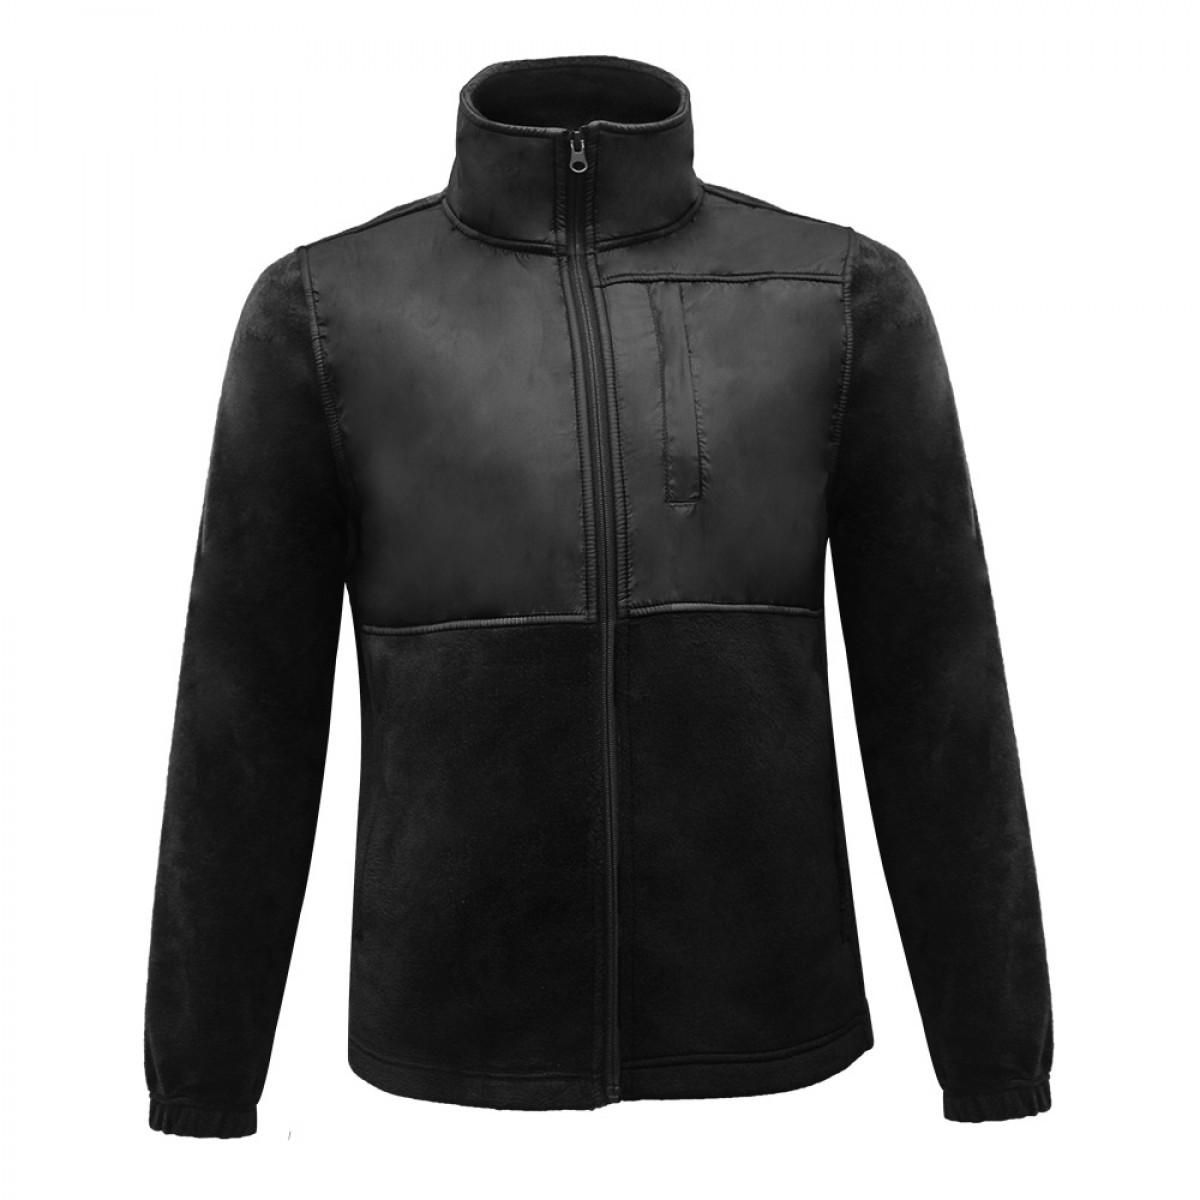 men-taffeta-fleece-chest-pkt-jacketktfj05908-8a